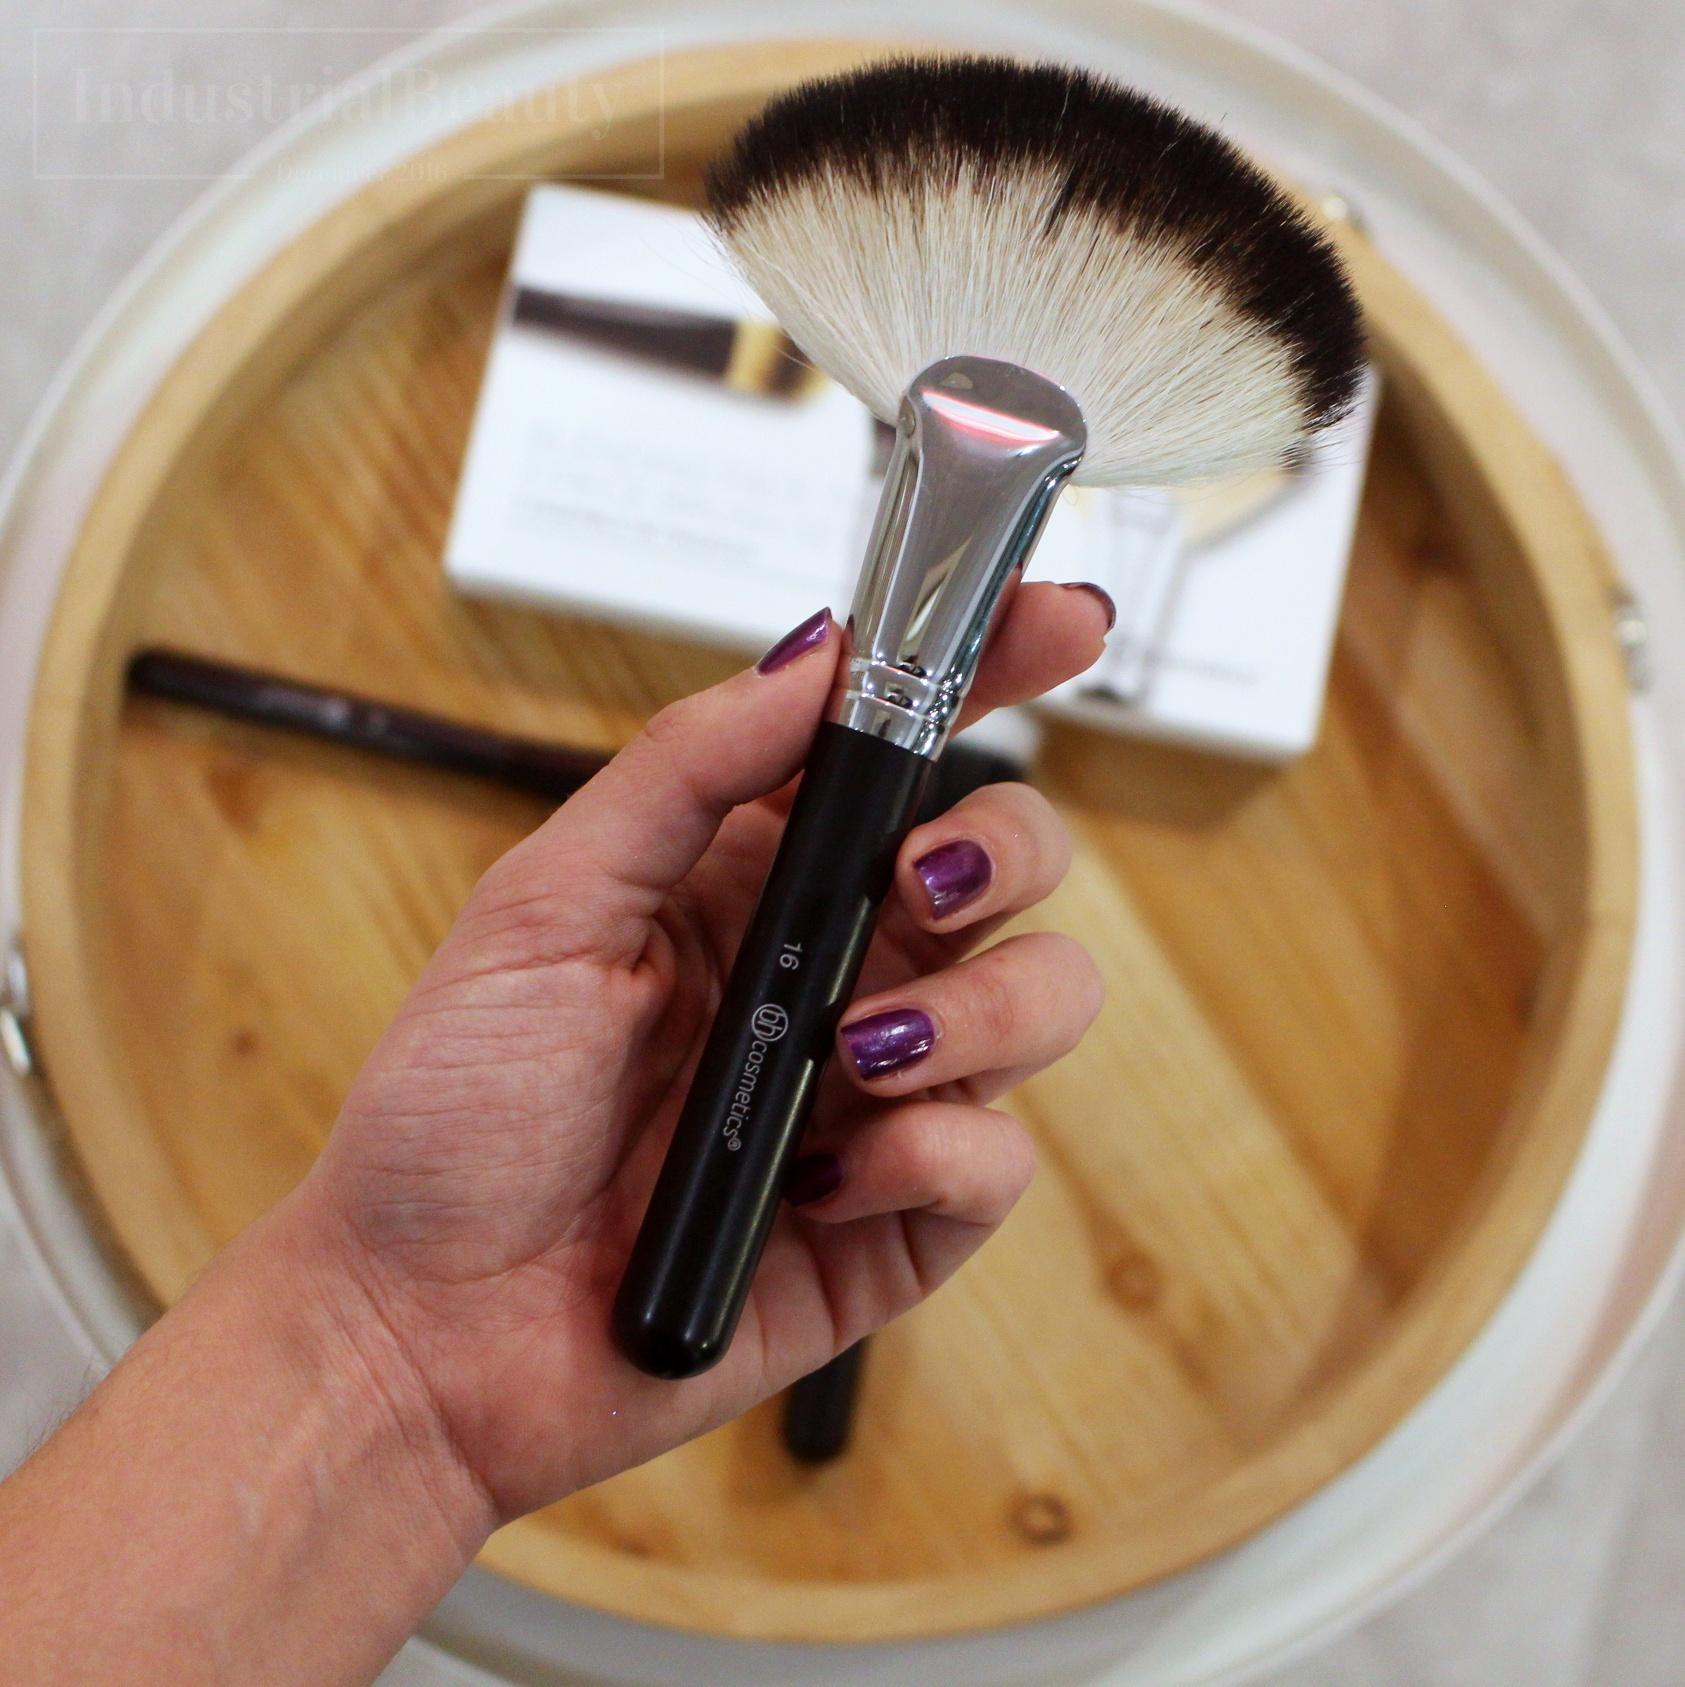 brocha abanico bh cosmetics